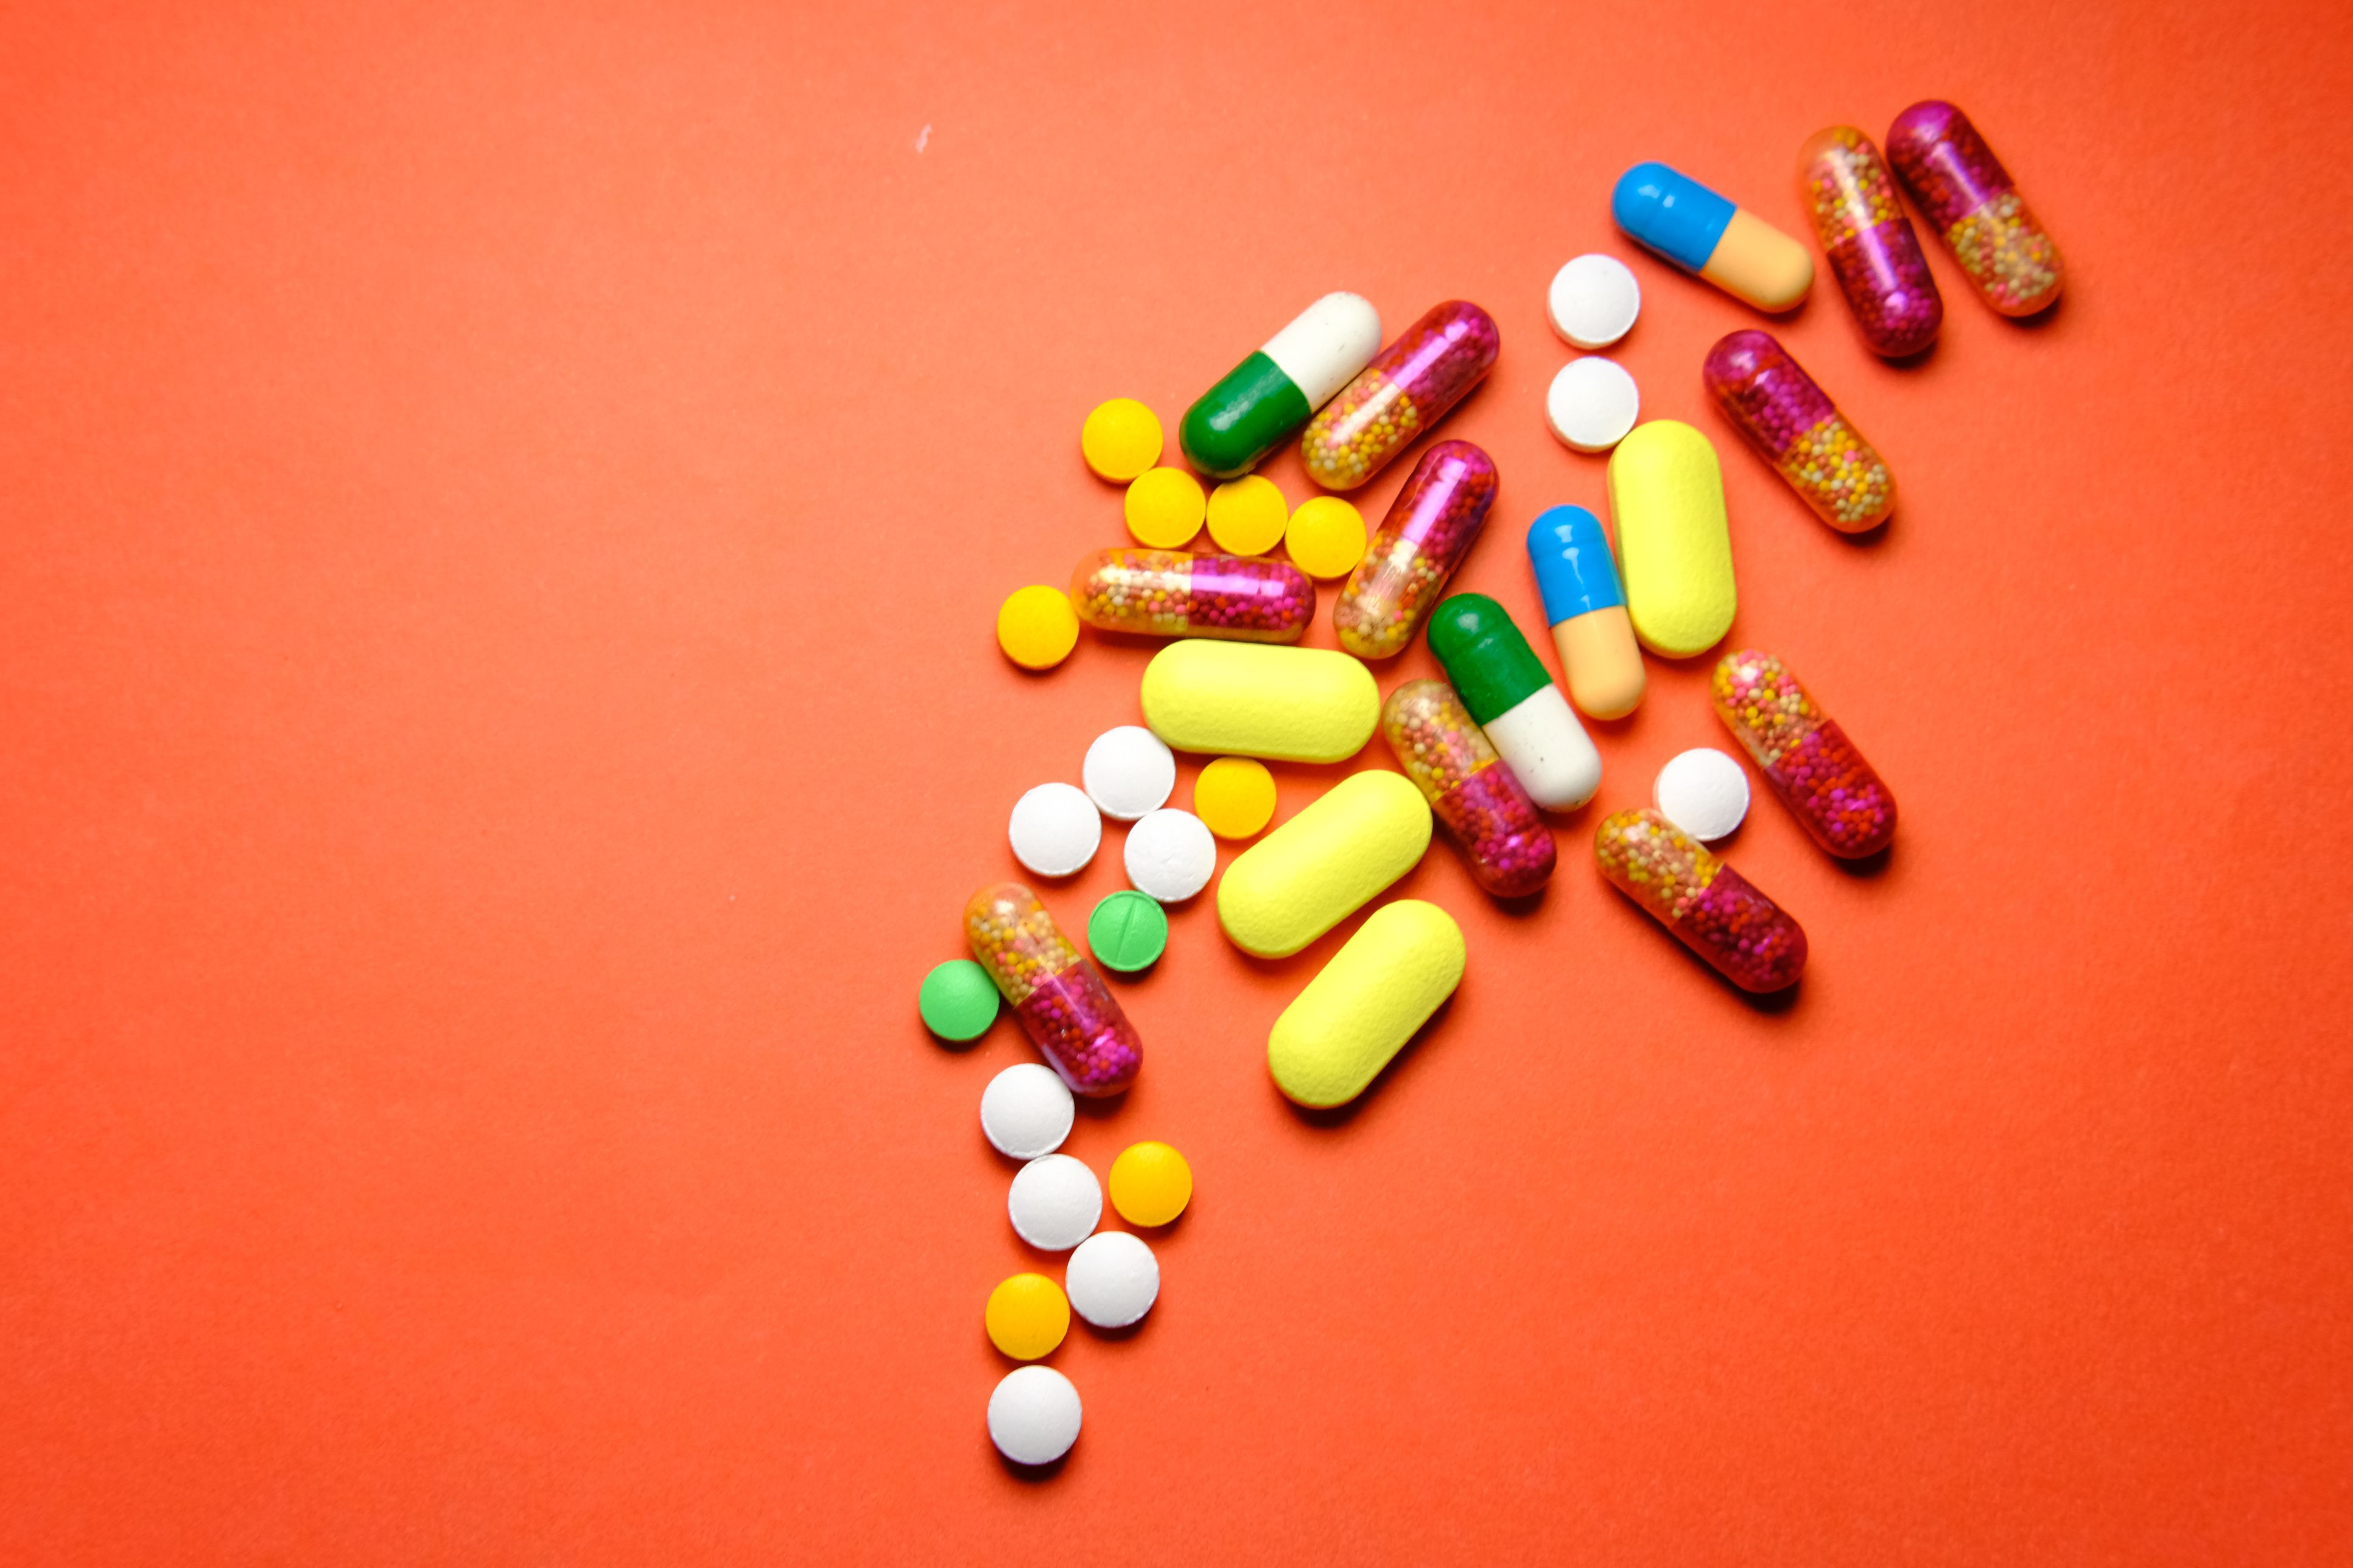 mejores suplementos vitamínicos para la dieta cetosis